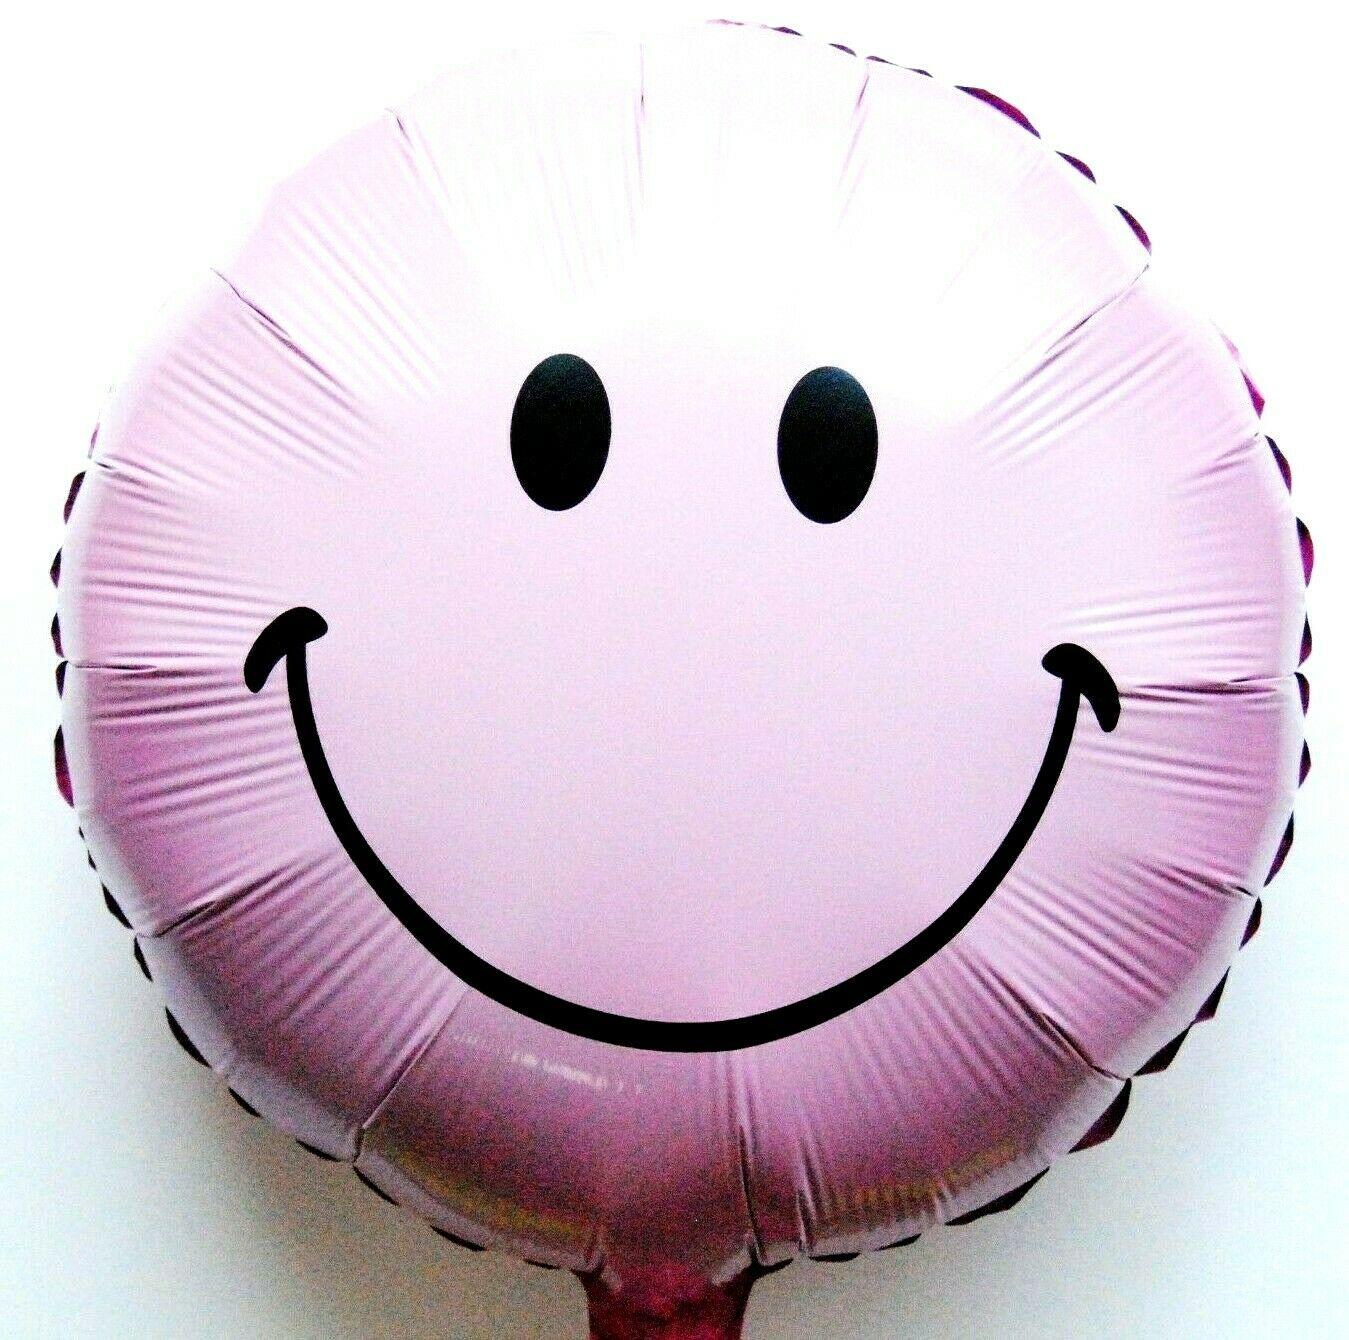 Anniversario Di Matrimonio Emoticon.10 Pezzo Elio Palloncini Emoji Rosa Matrimonio Compleanno Giubileo